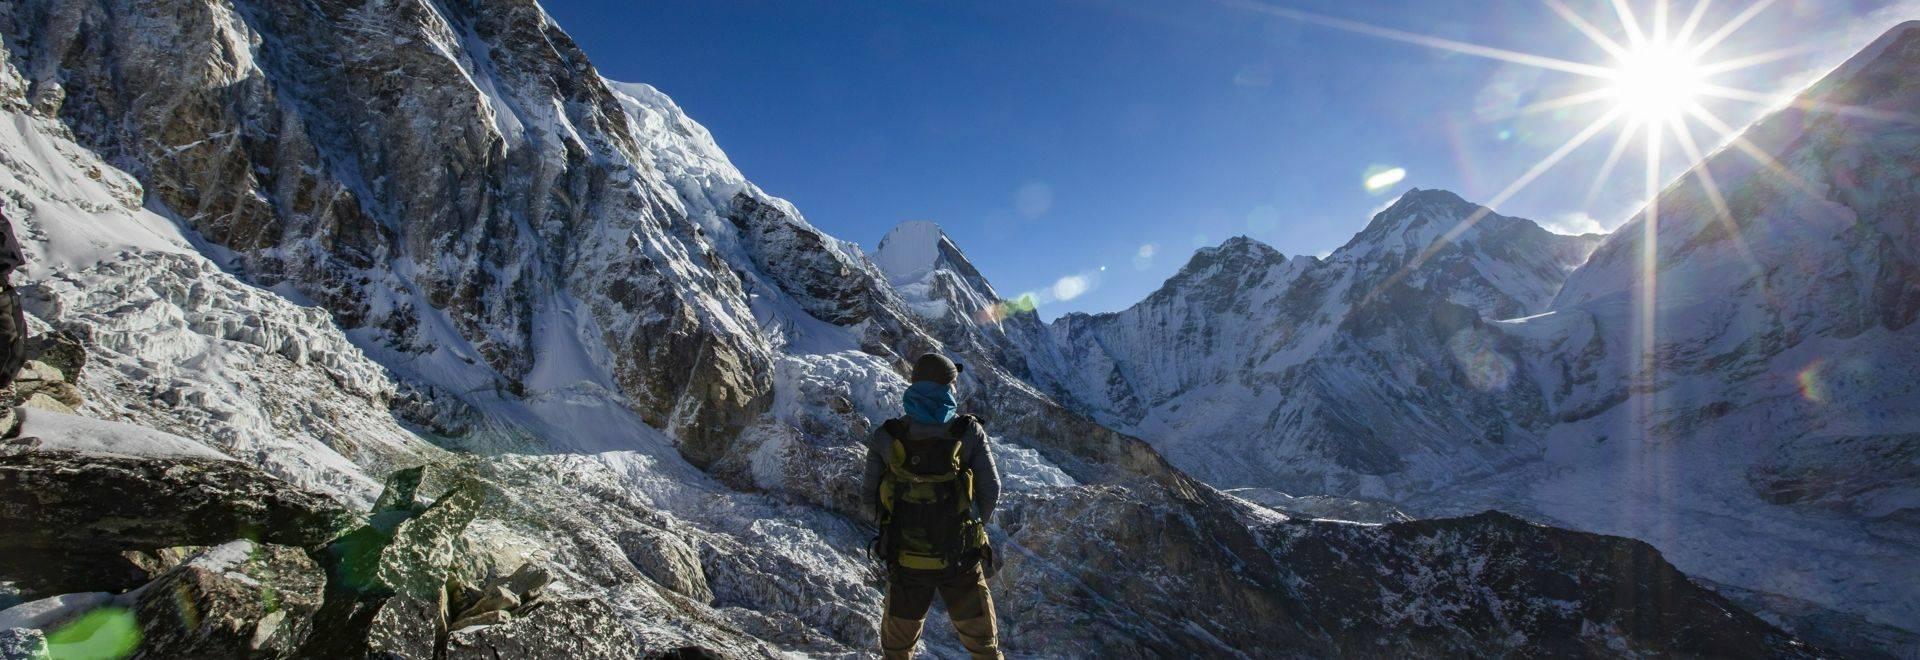 Nepal Kala Pathar Sunrise Hiker Himilayas - T4A1138 Lg RGB.jpg